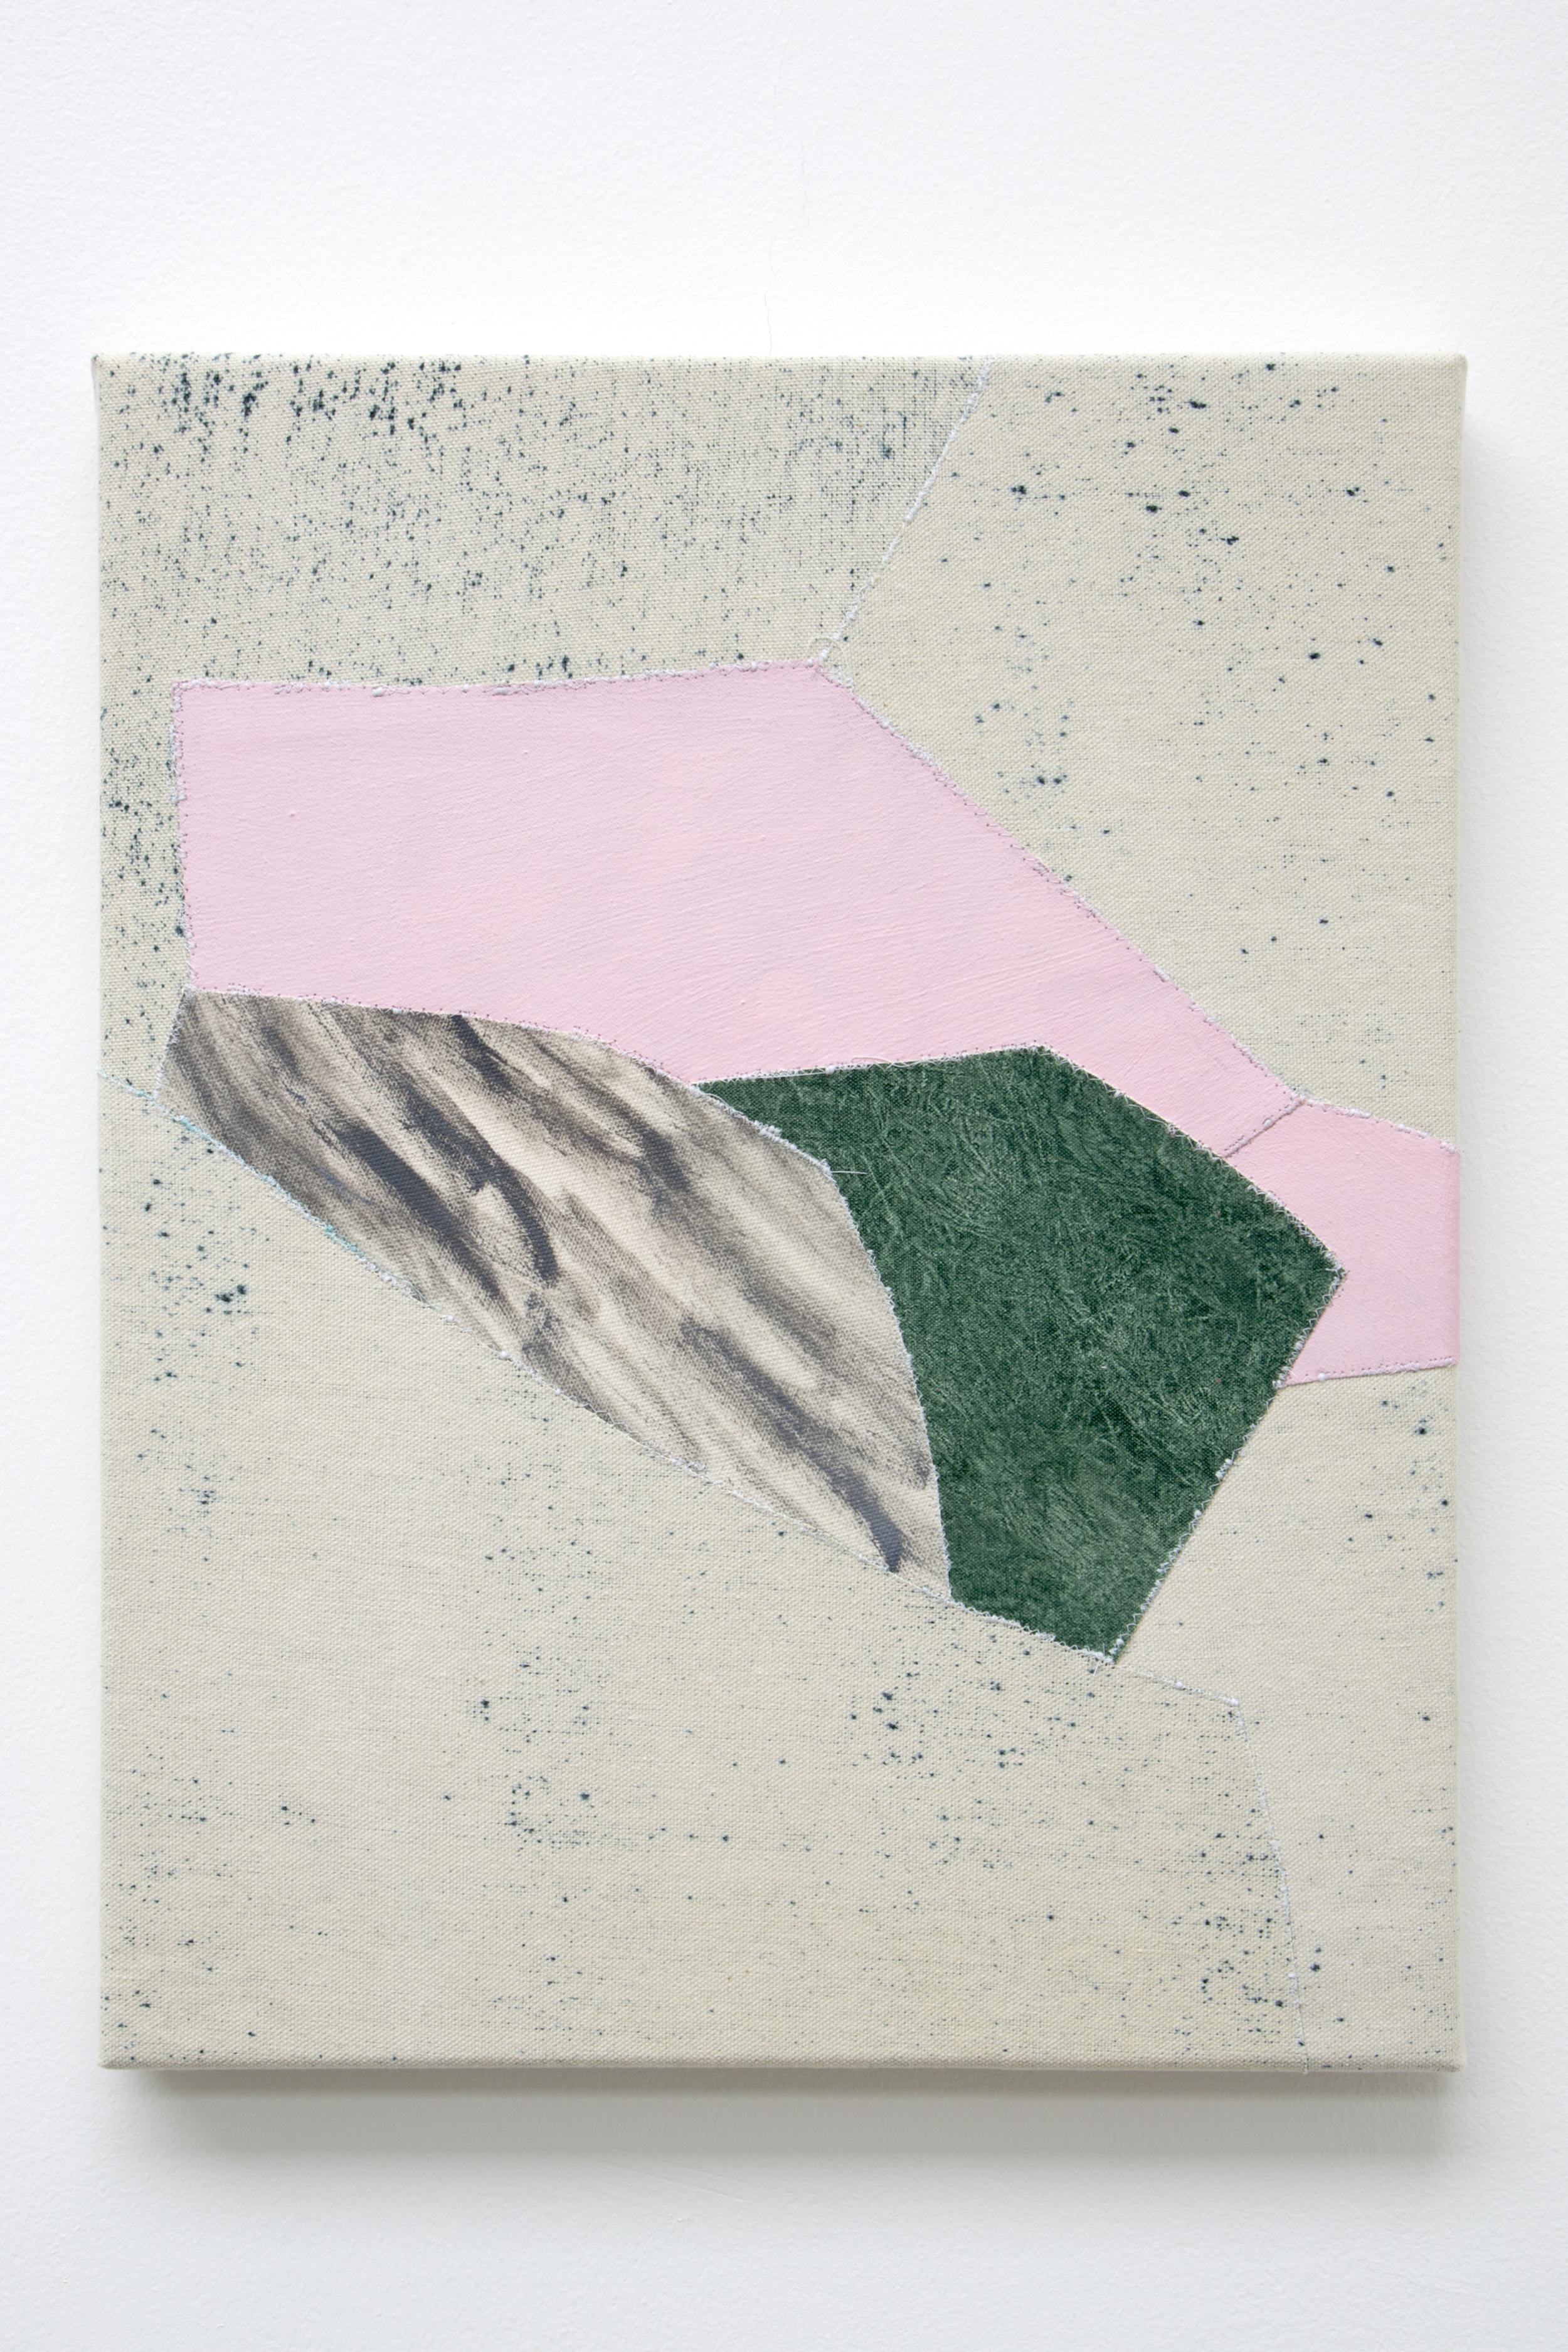 3 , oil and thread on canvas, 36 x 46 cm, 2016  .